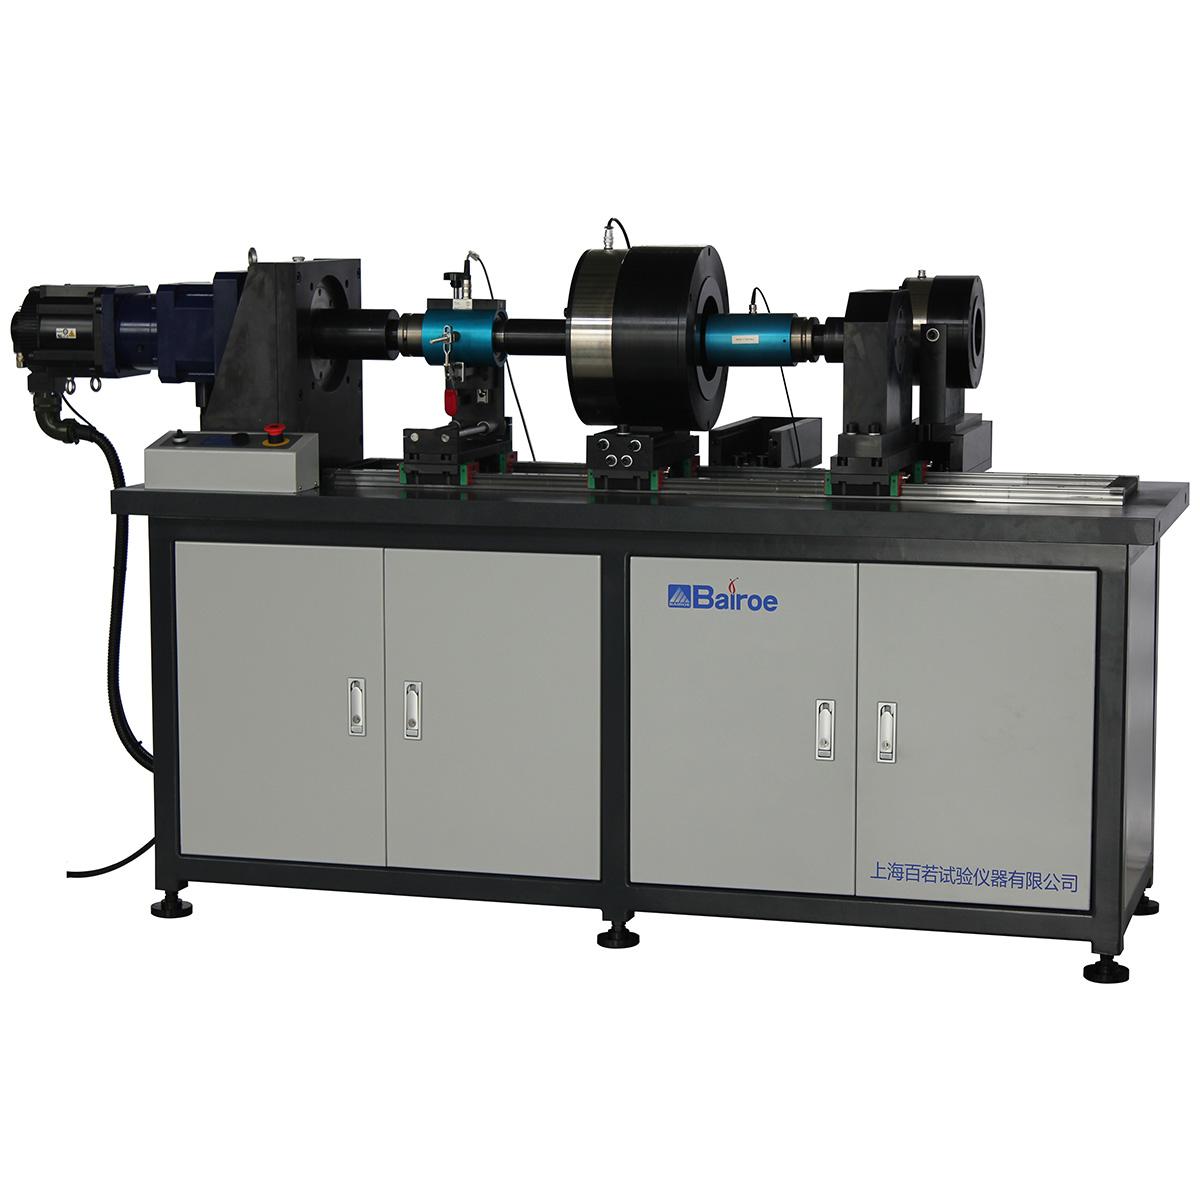 NZA-3000型 多功能螺栓緊固分析系統